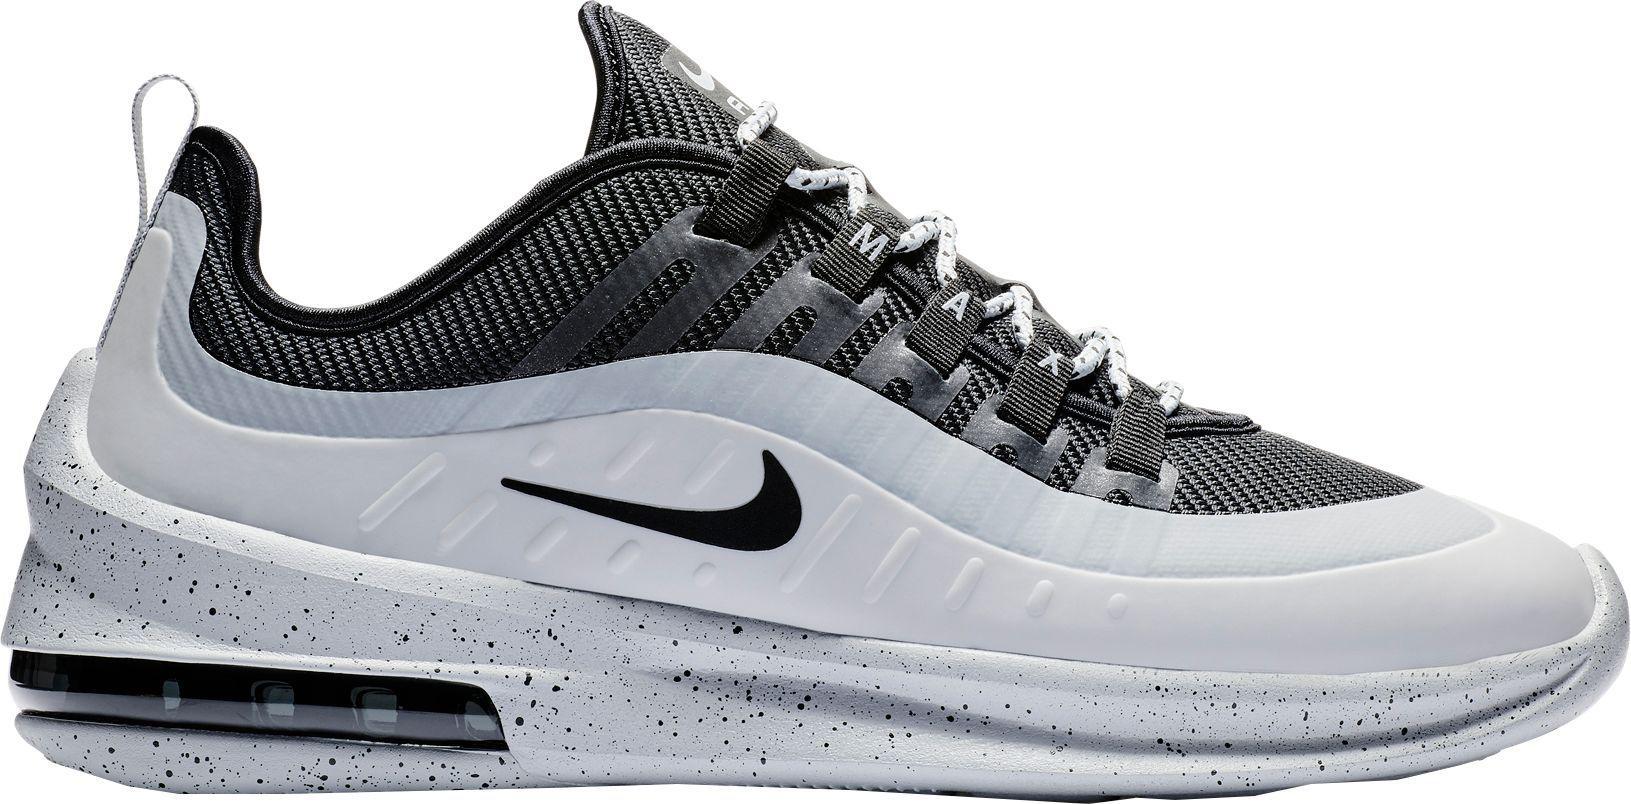 premium selection 1ca25 79924 Nike - Gray Air Max Axis Premium Shoes for Men - Lyst. View fullscreen